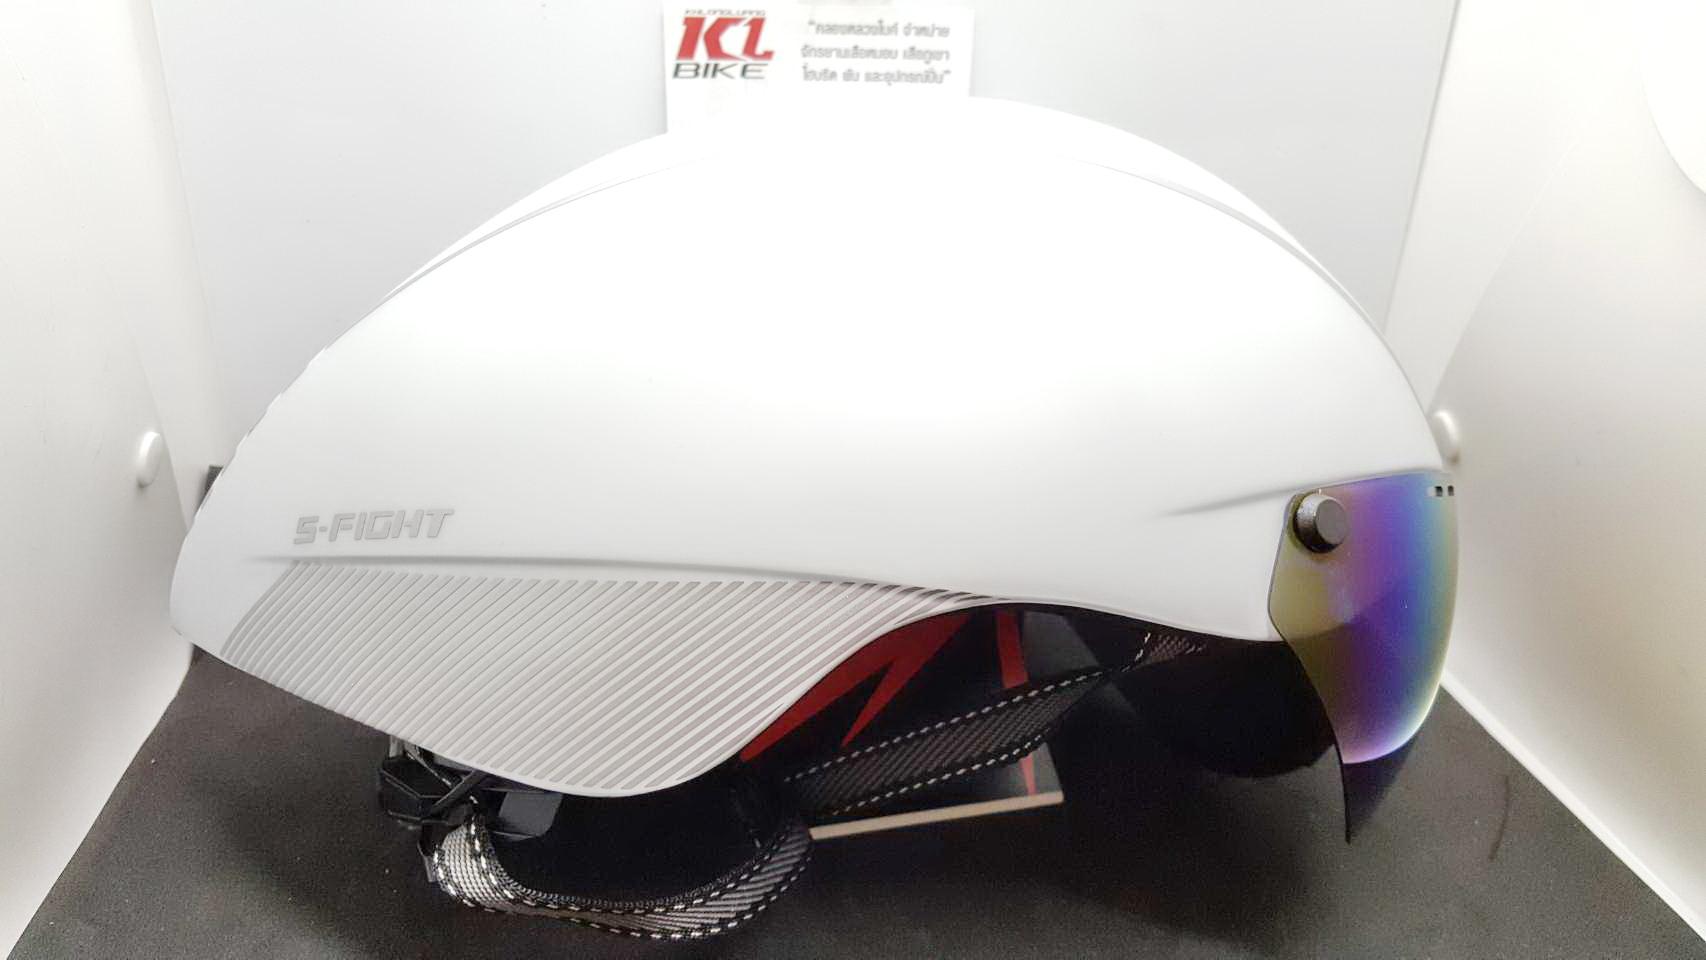 หมวกปั่นทรงแอโร่ S-Fight รุ่น GH06 สีขาว มีแว่นแม่เหล็ก สำหรับรอบศรีษะ 55-61 ซม.